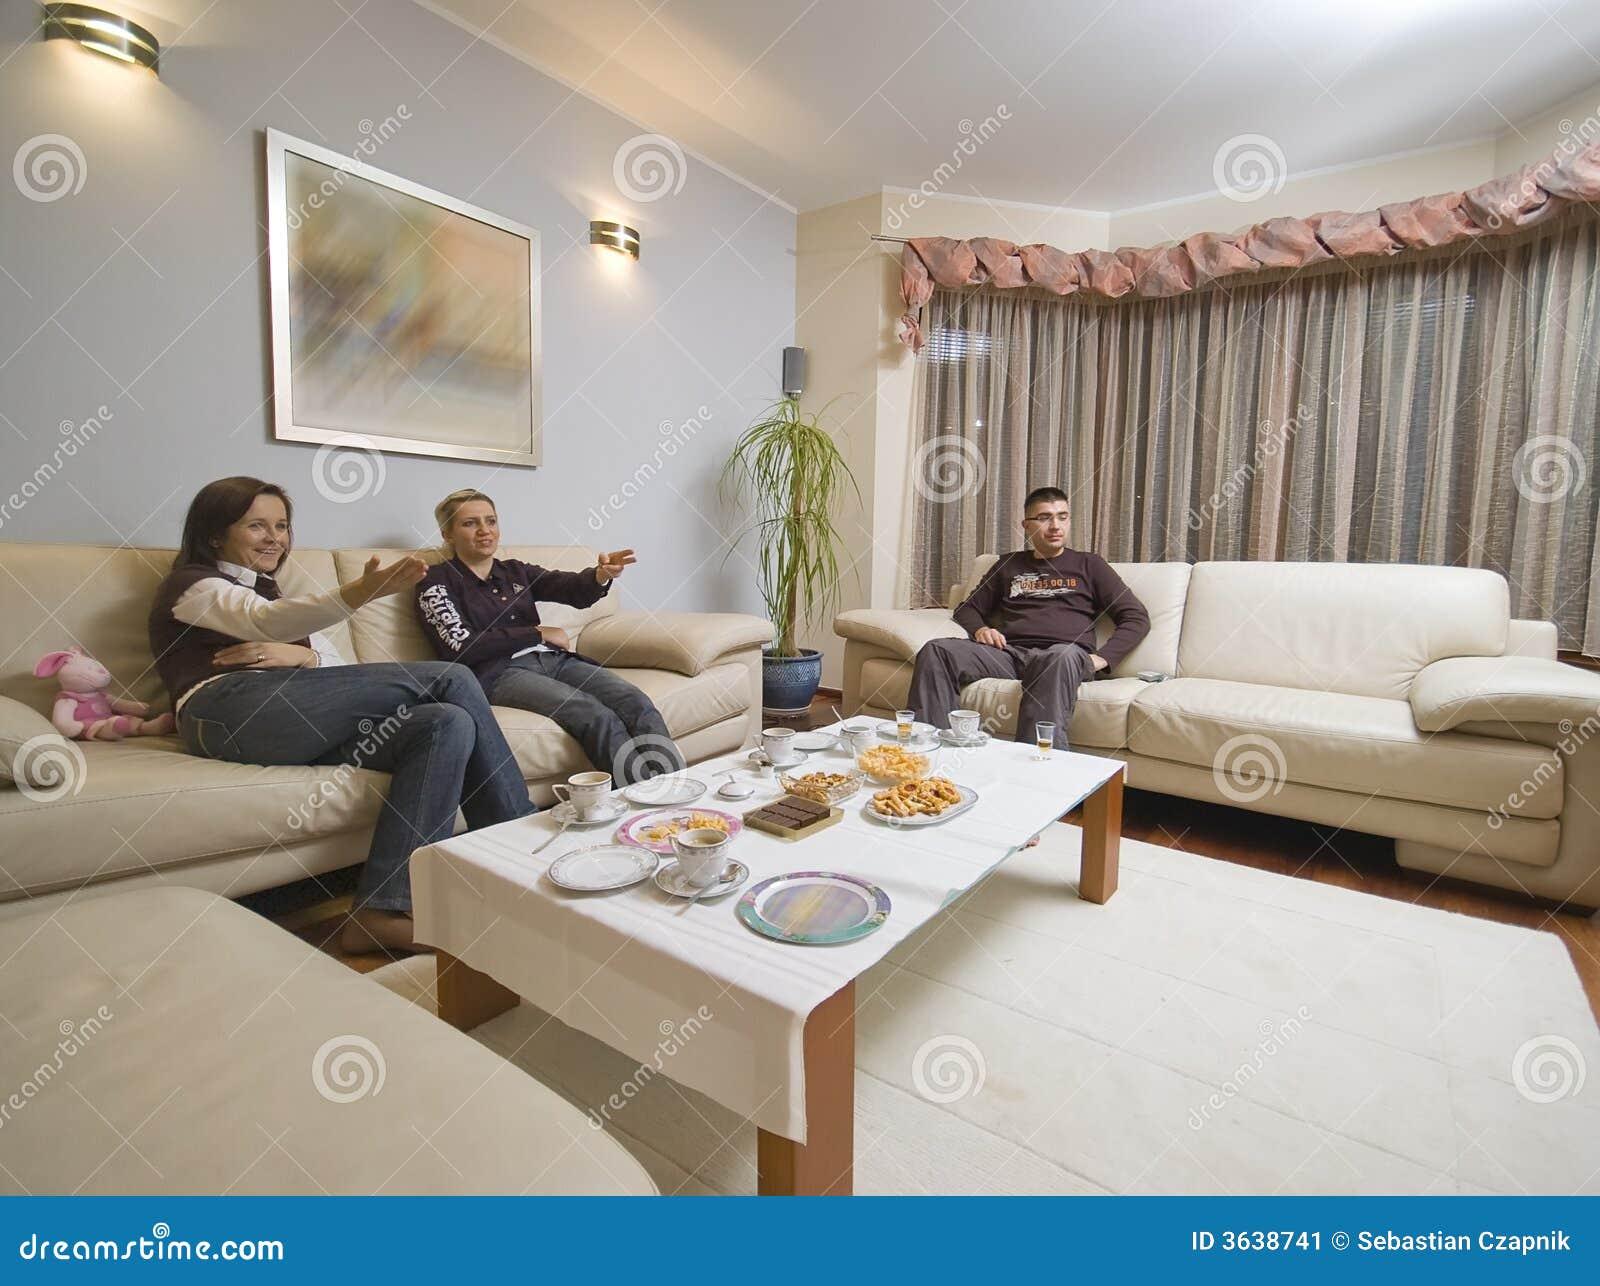 El hablar en sala de estar imagen de archivo imagen for Sala de estar en el patio